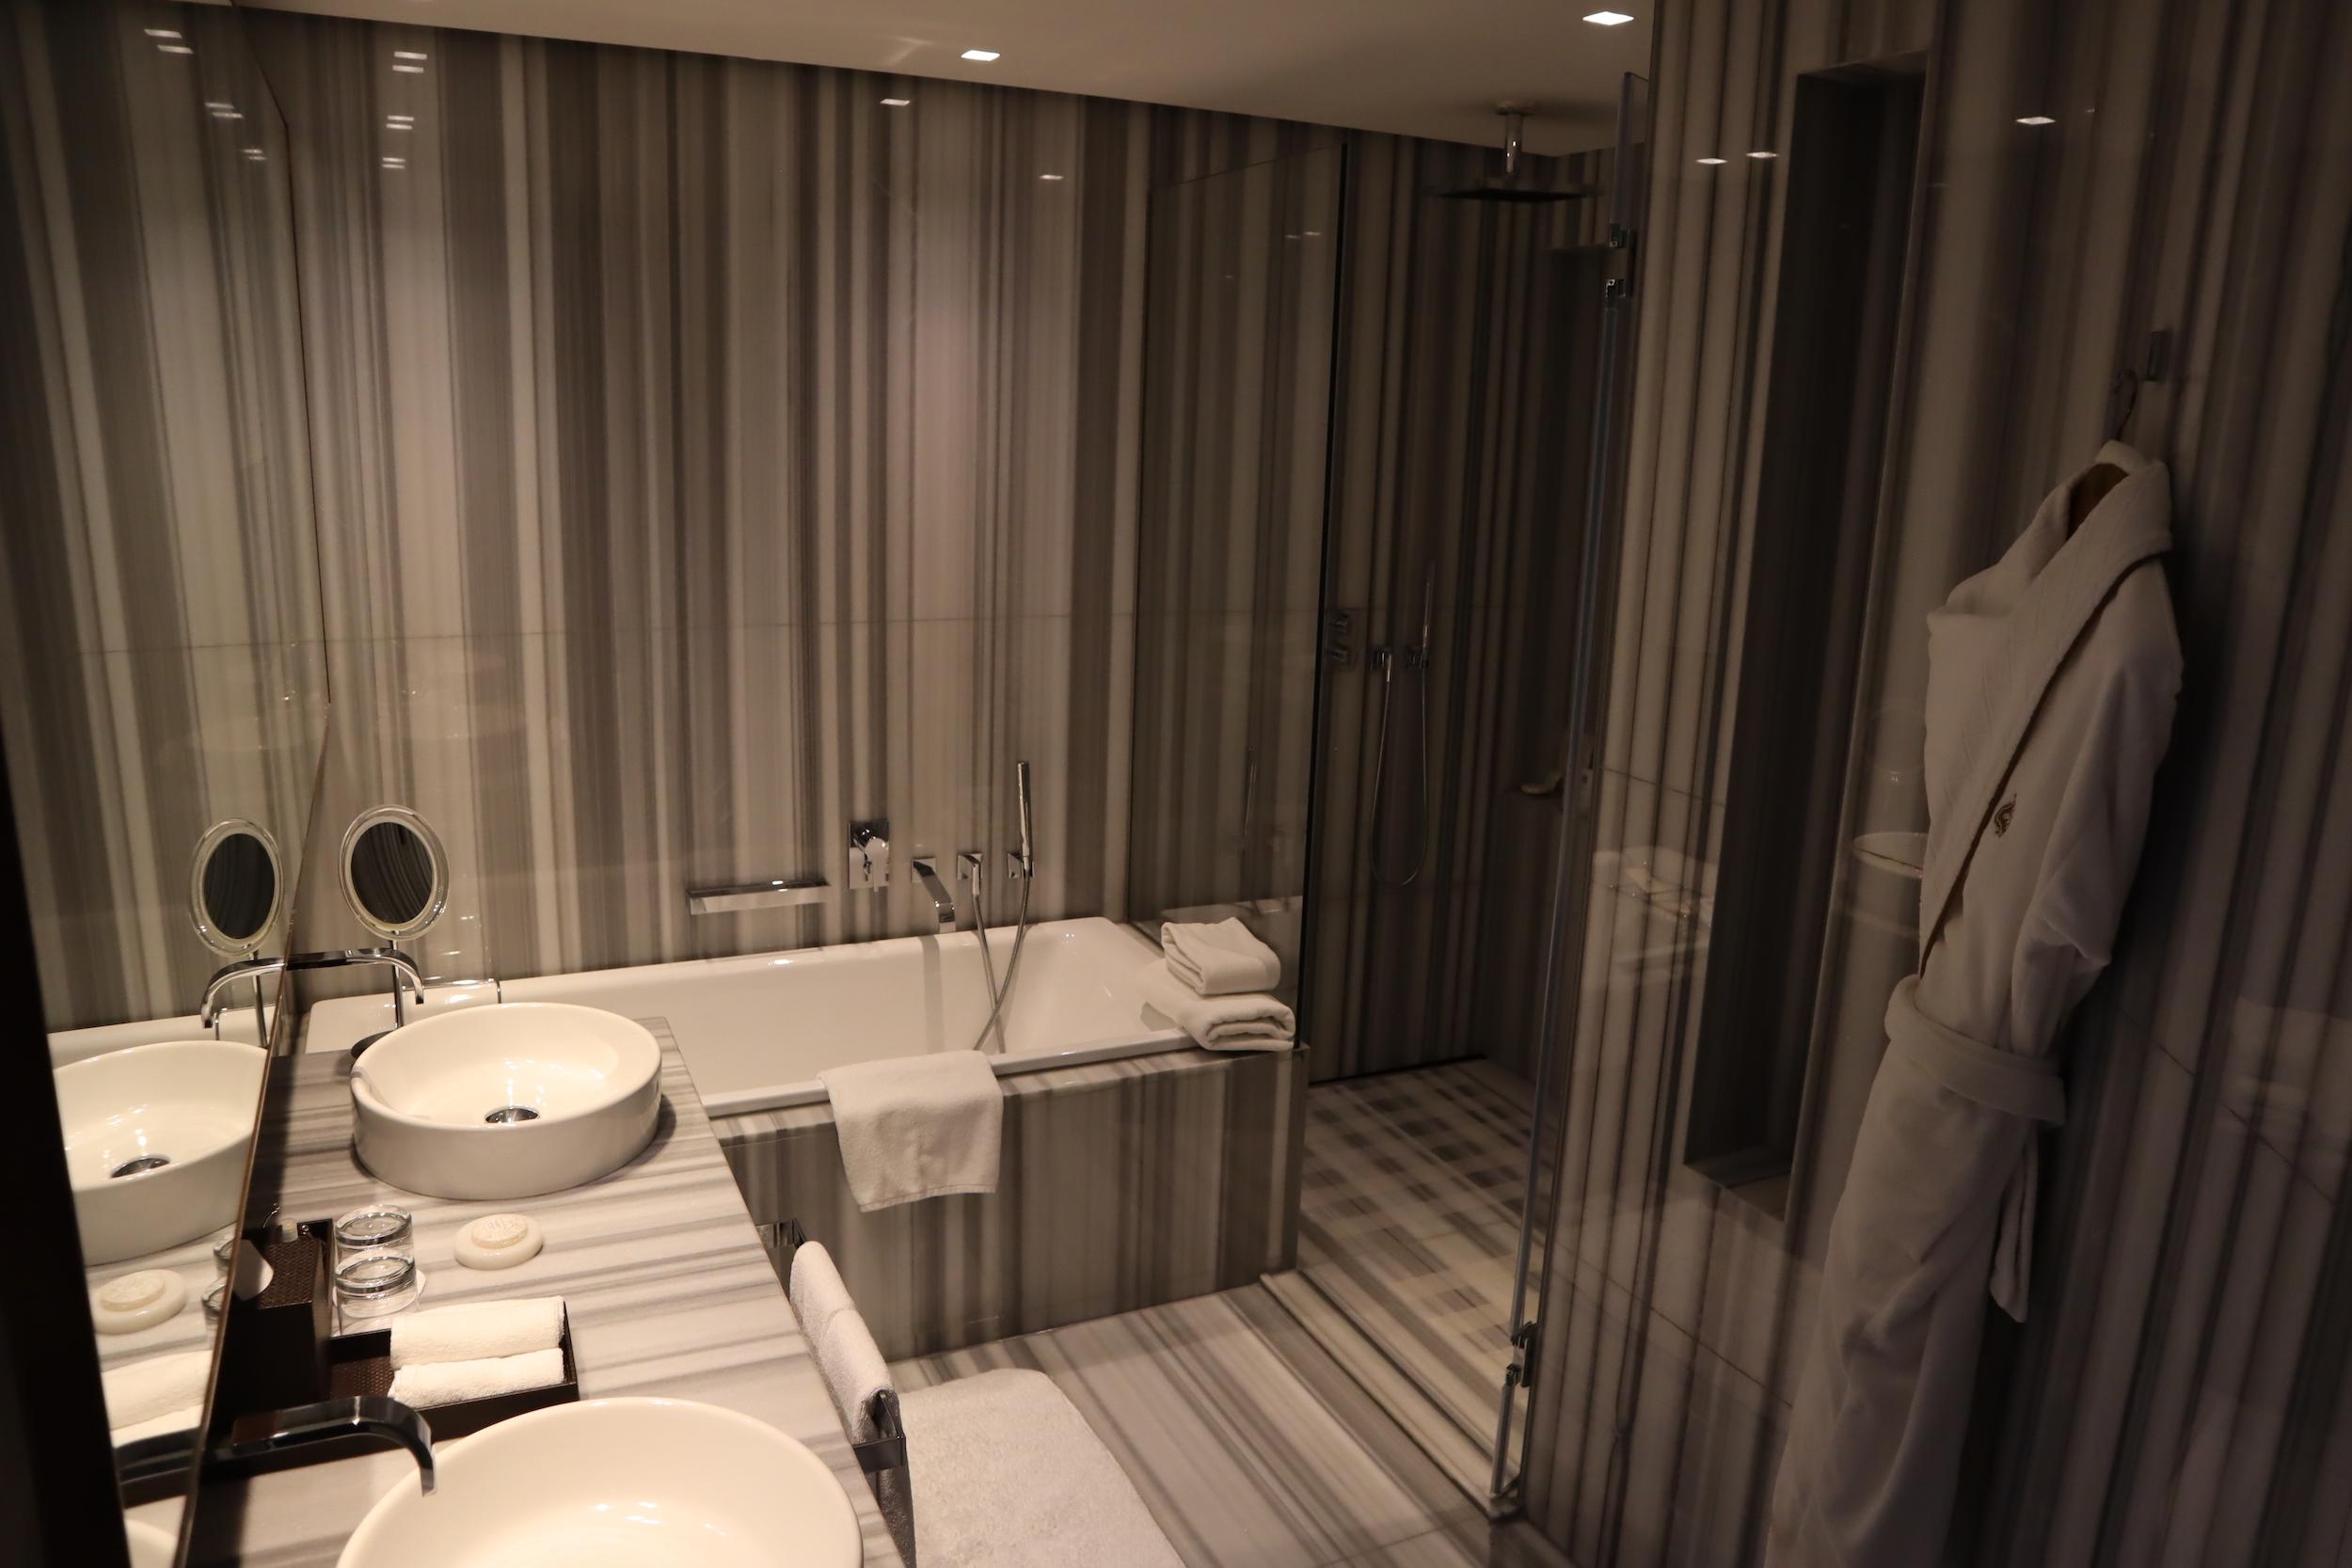 St. Regis Istanbul – St. Regis Suite bathroom